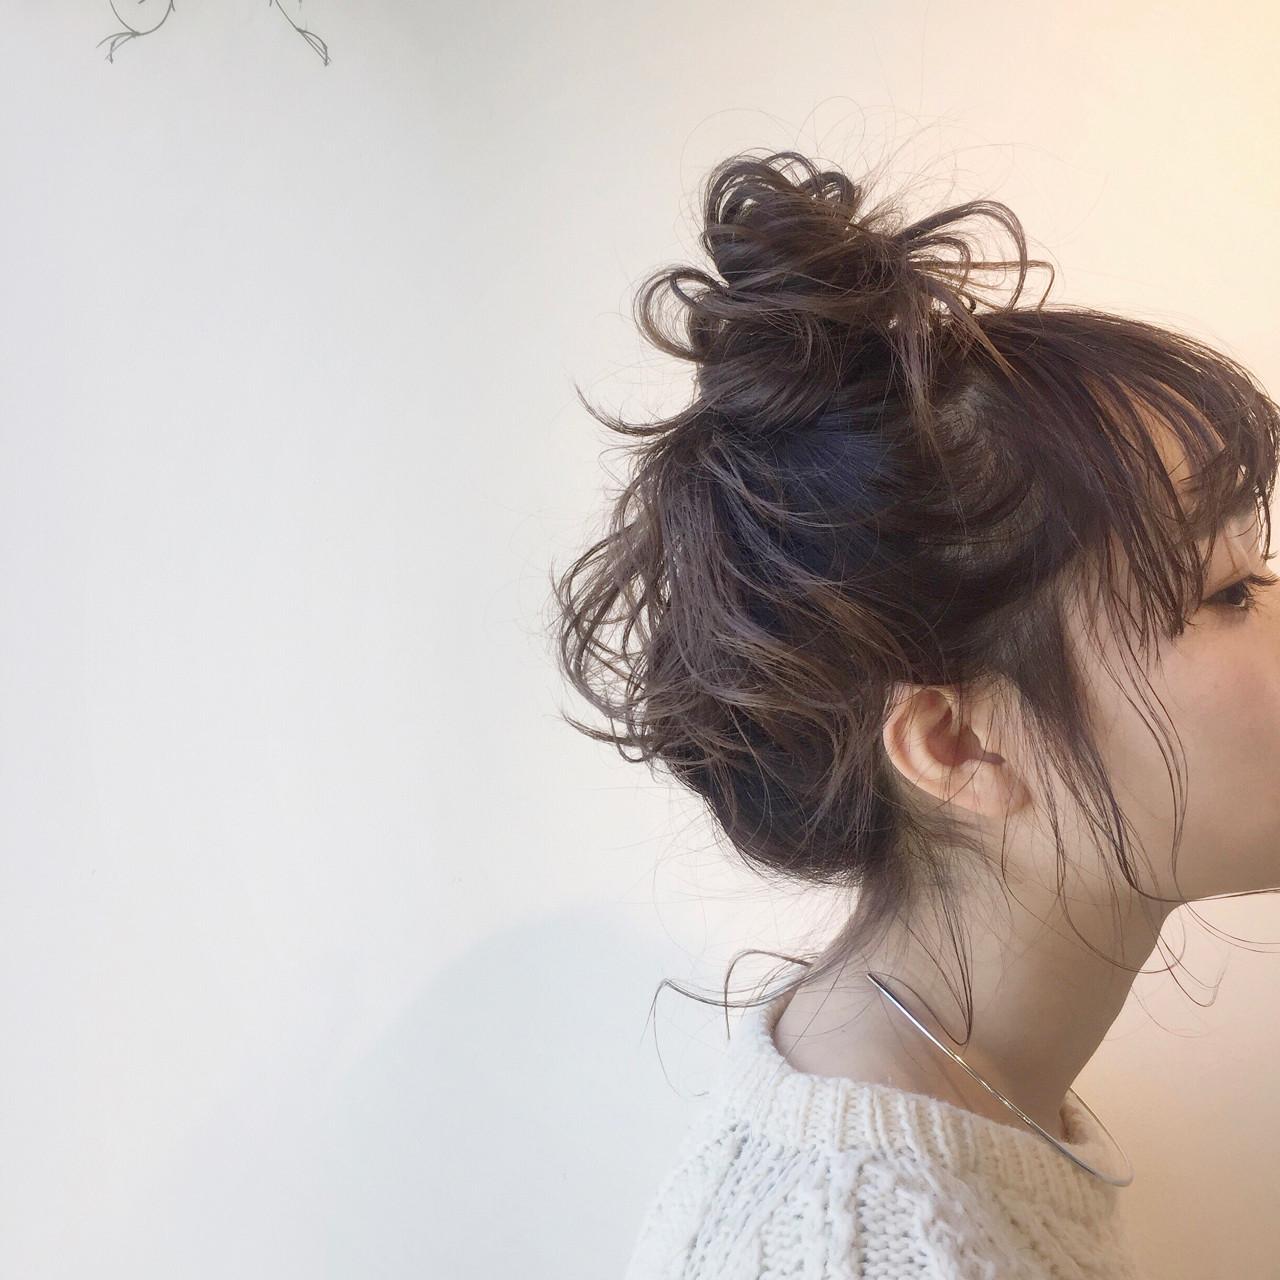 コンプレックスをかわいいに♡丸顔さんにおすすめの髪型アレンジ10選 佐々木拓巳